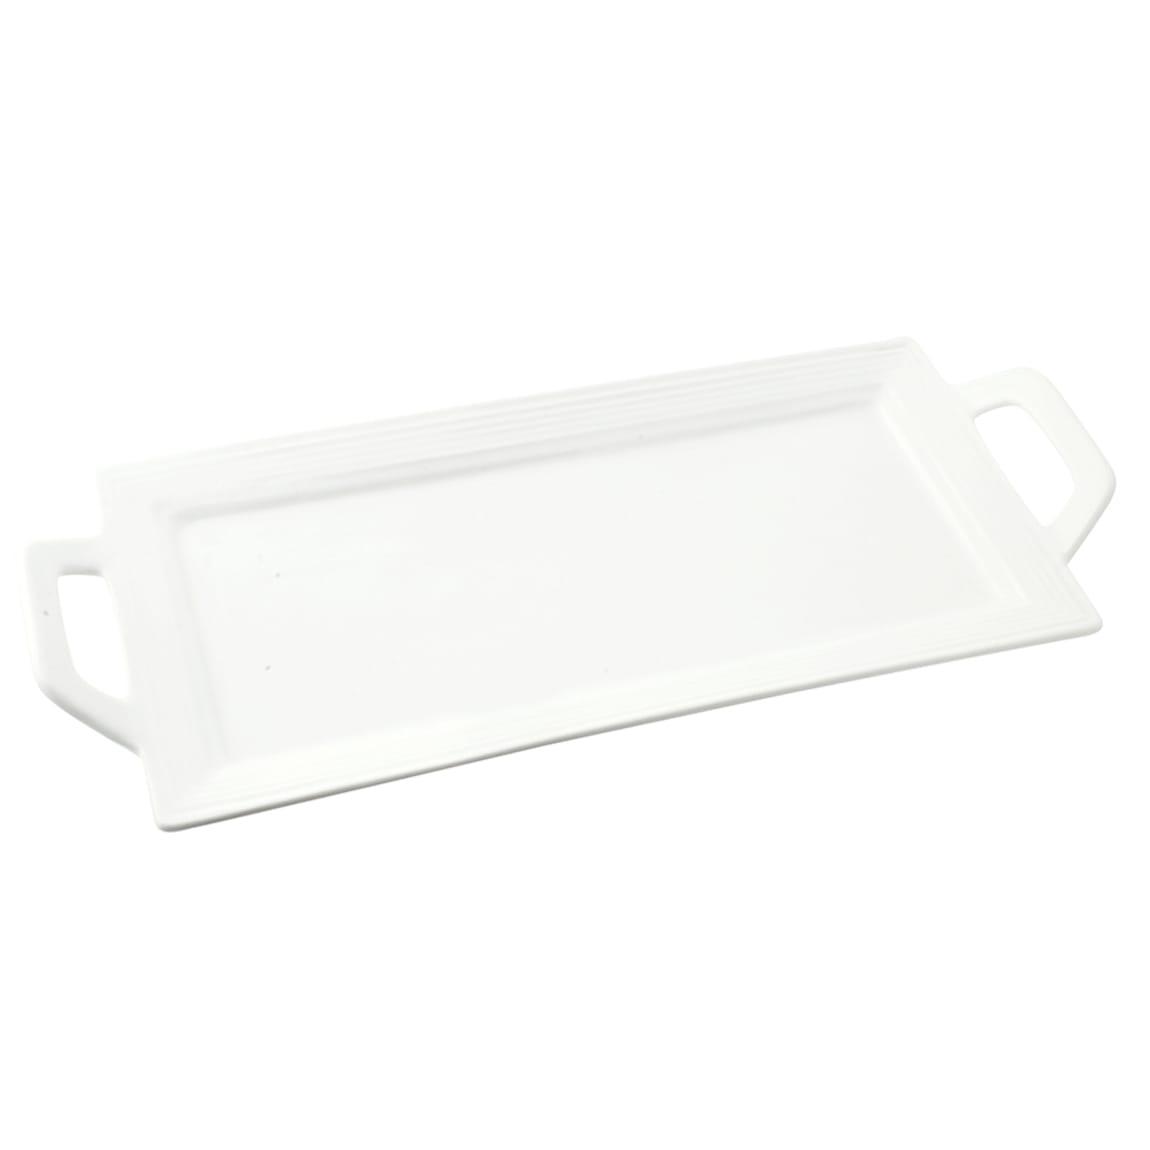 """10 Strawberry Street WTR-12EMBHNDLPLTR Rectangular Whittier Platter - 12"""" x 5"""", Porcelain, White"""